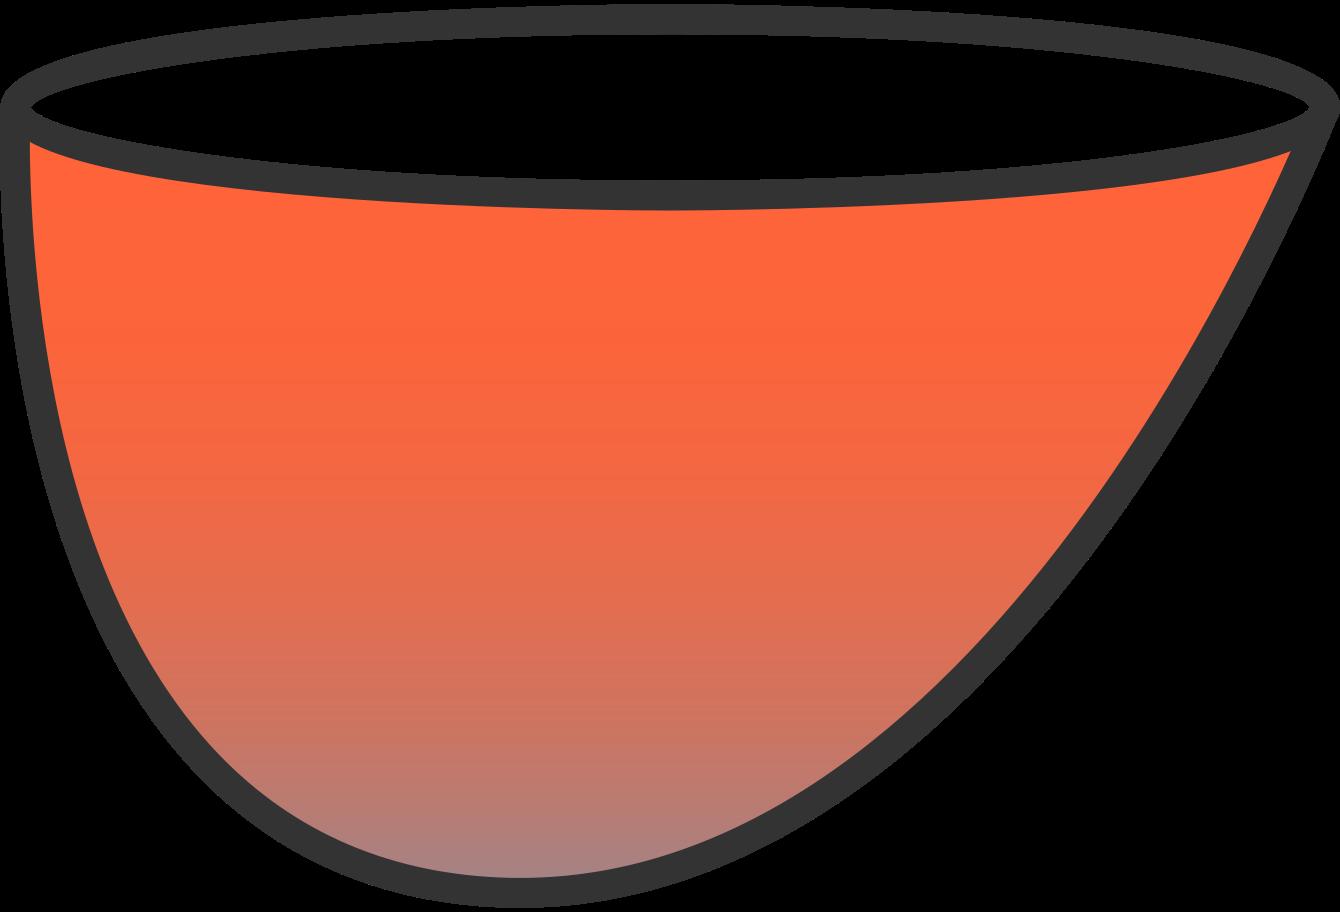 downloading 2  bowl Clipart illustration in PNG, SVG